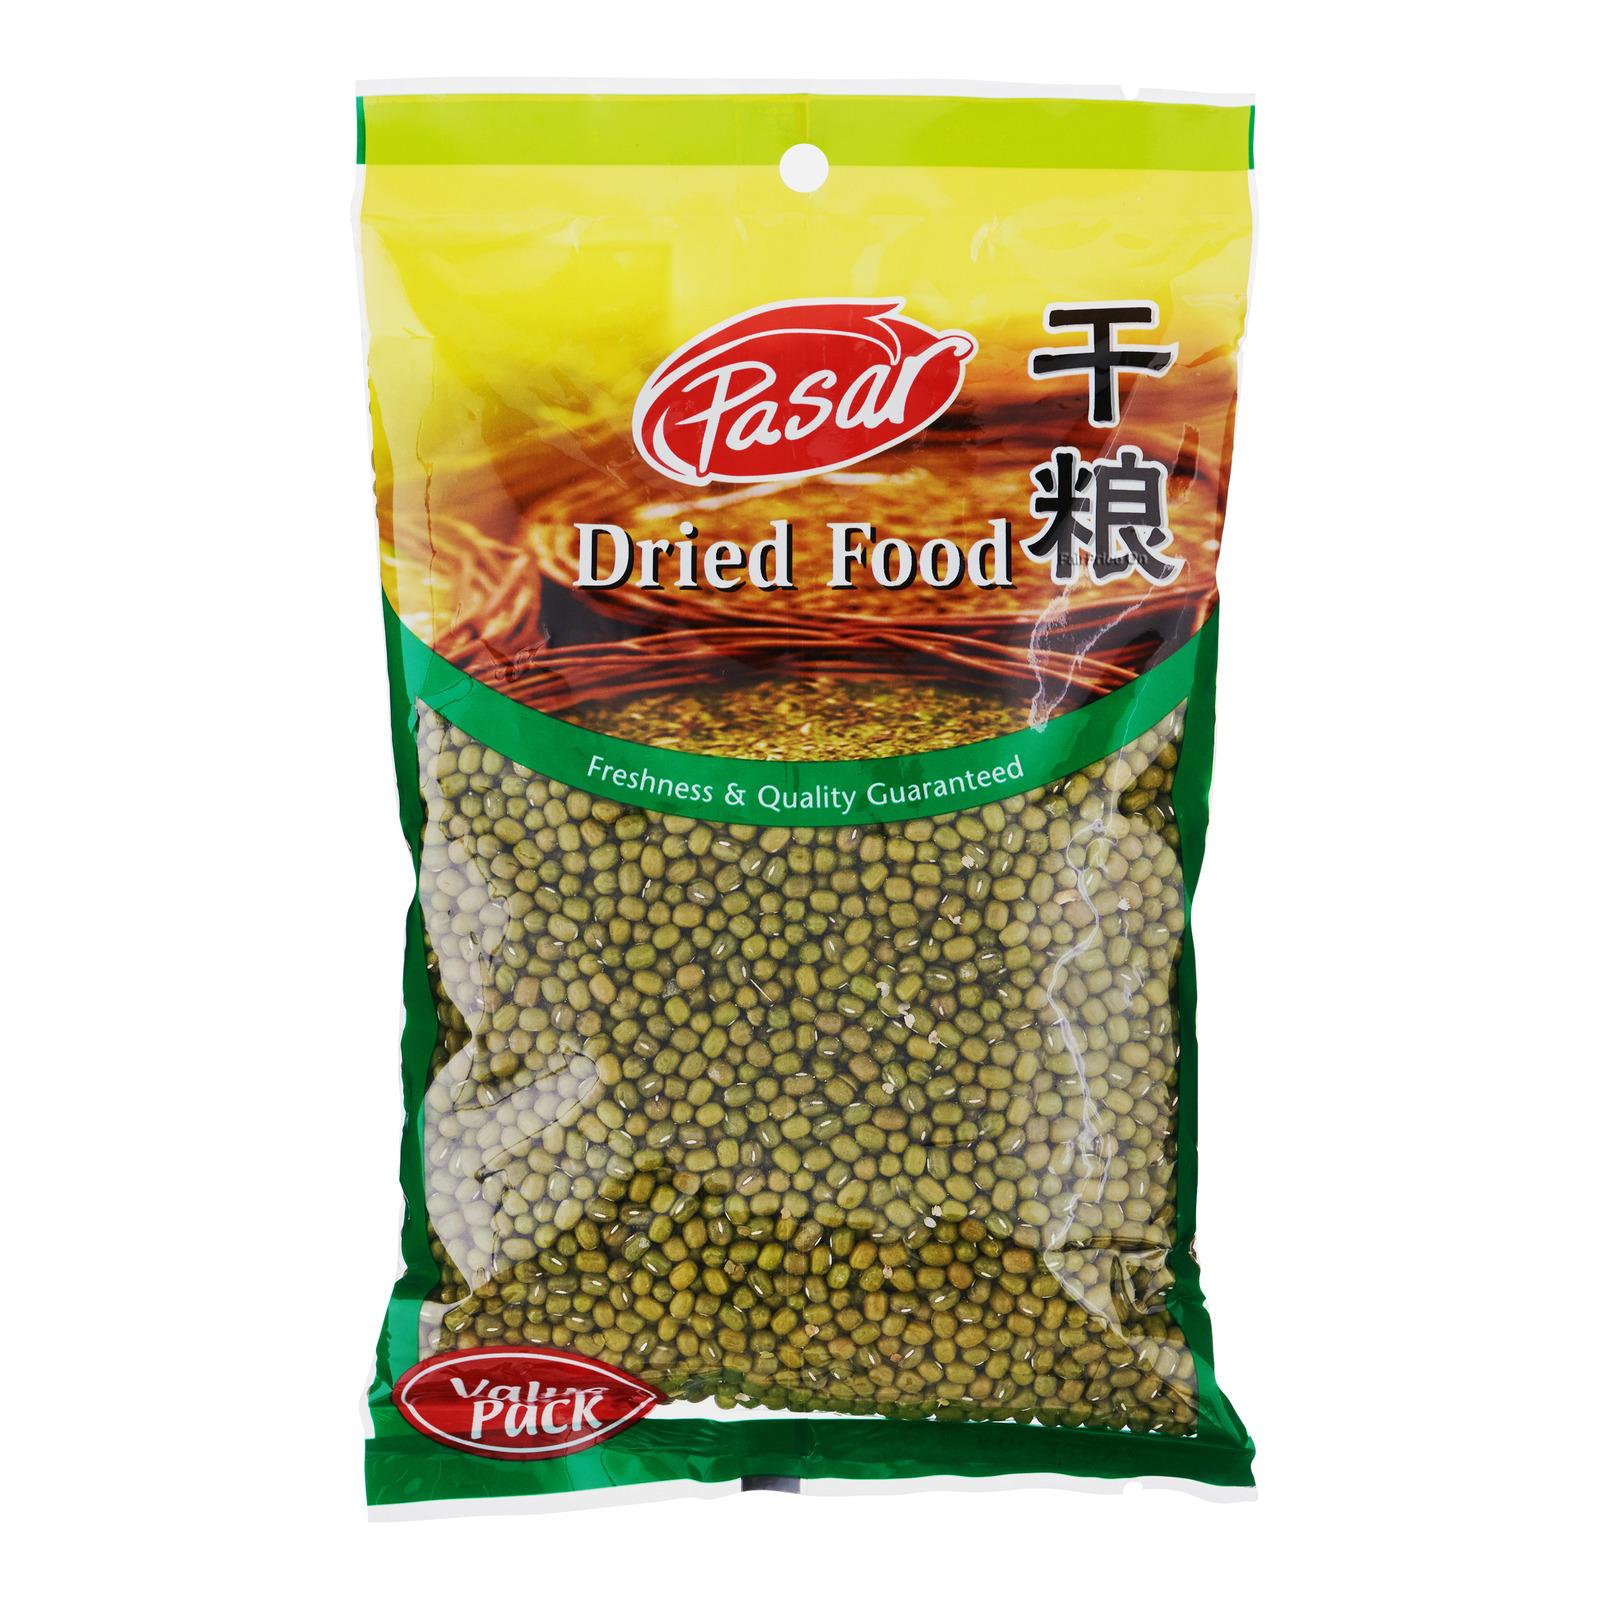 Pasar Green Bean